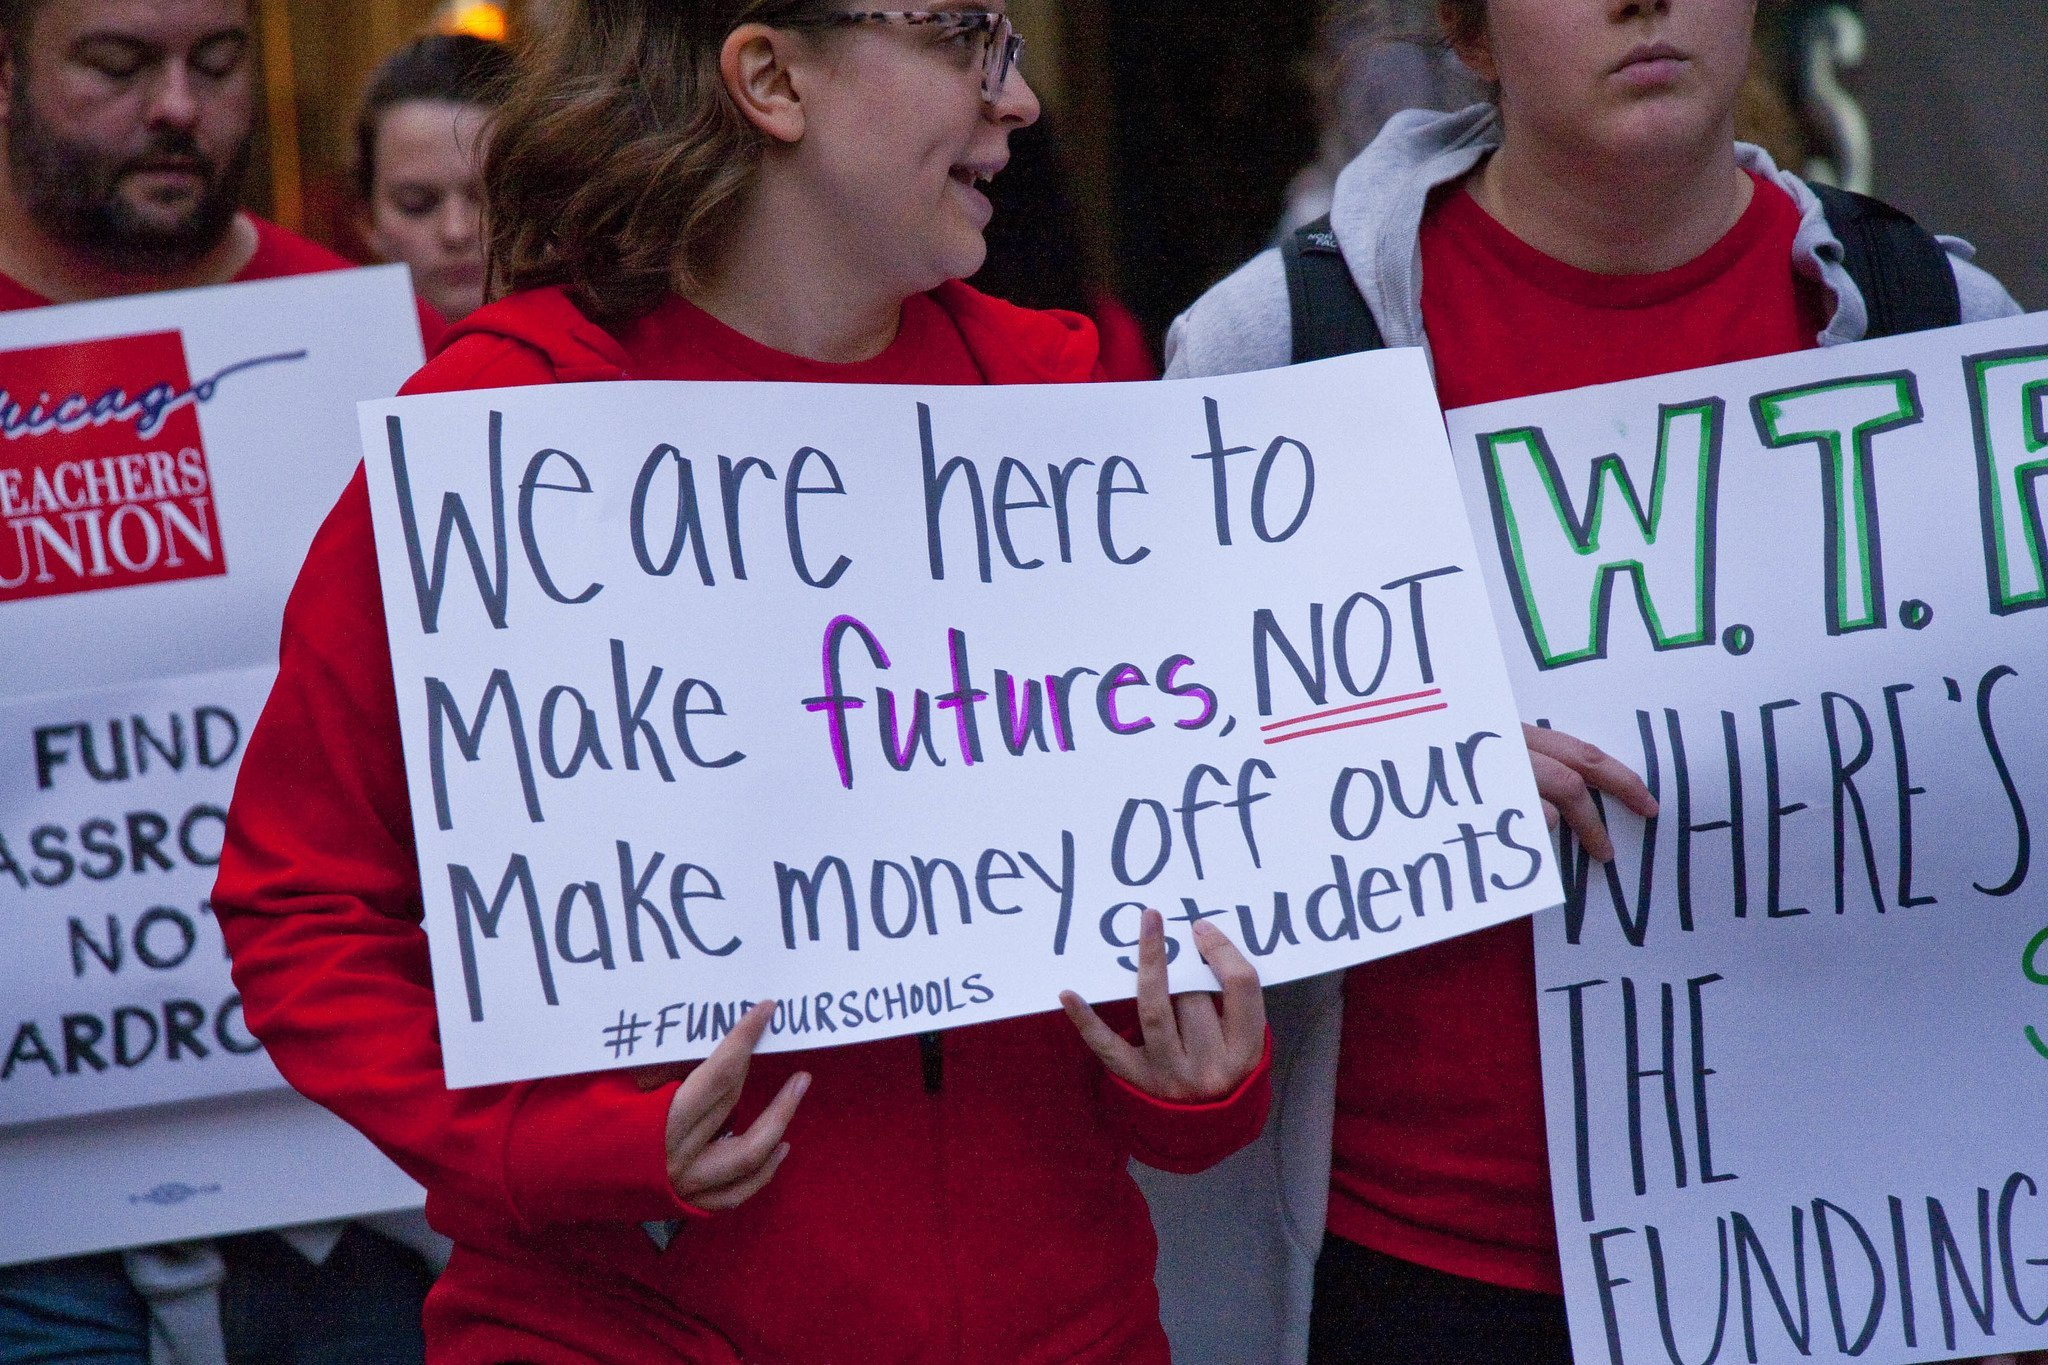 أعضاء اتحاد نقابة المعلمين في شيكاغو والحلفاء خارج مقر مدارس شيكاغو العامة ، وسط مدينة شيكاغو ، إلينوي ، 9-26-18